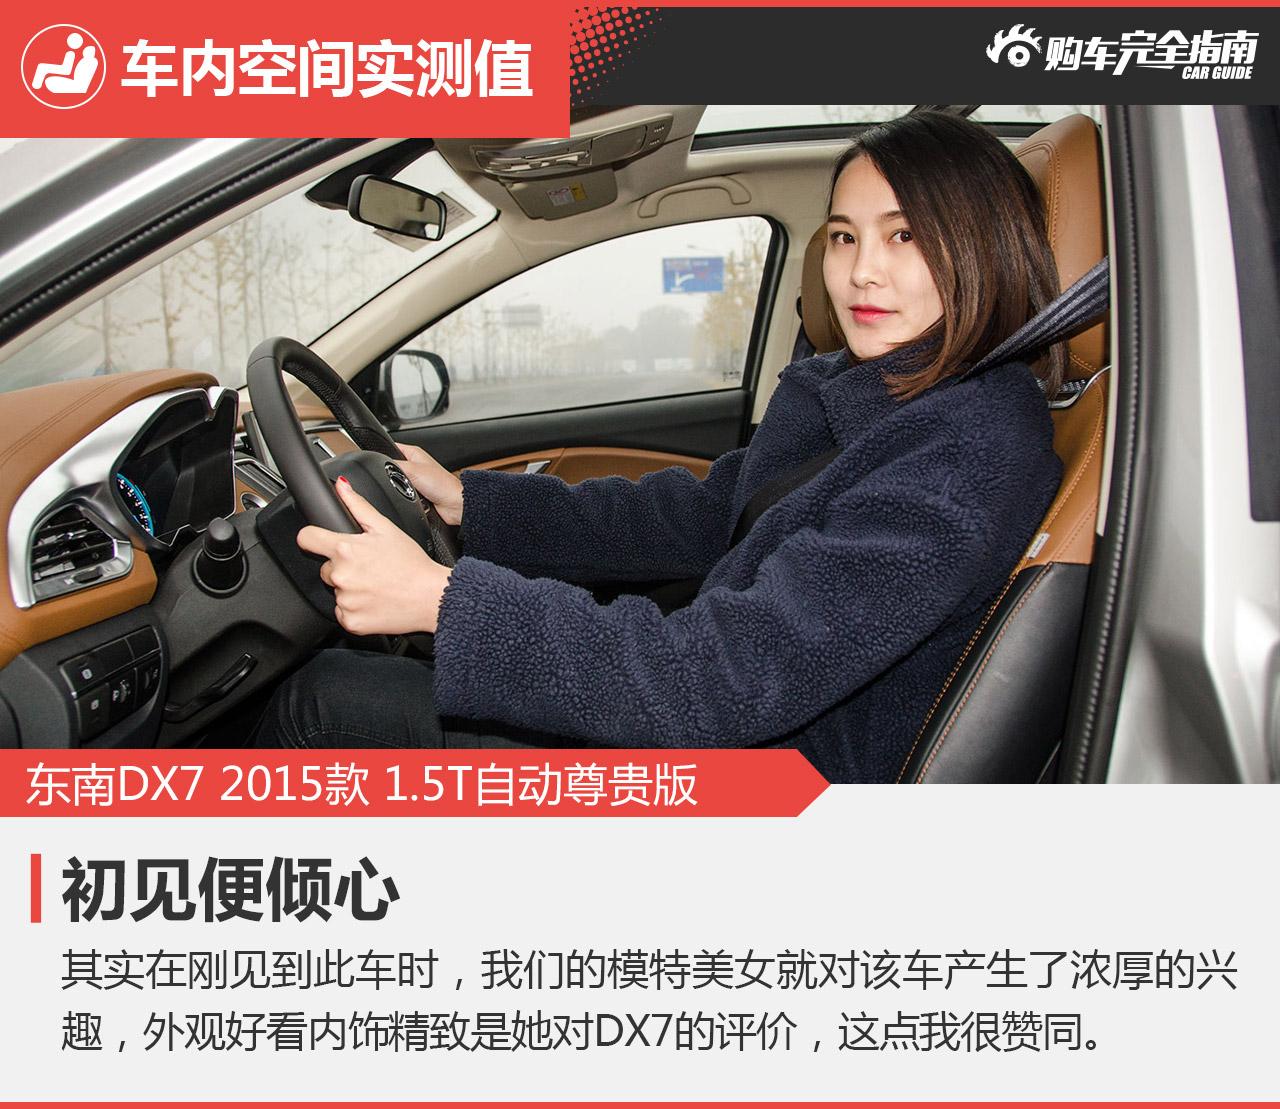 东南dx7 1.5t自动尊贵型高清图片